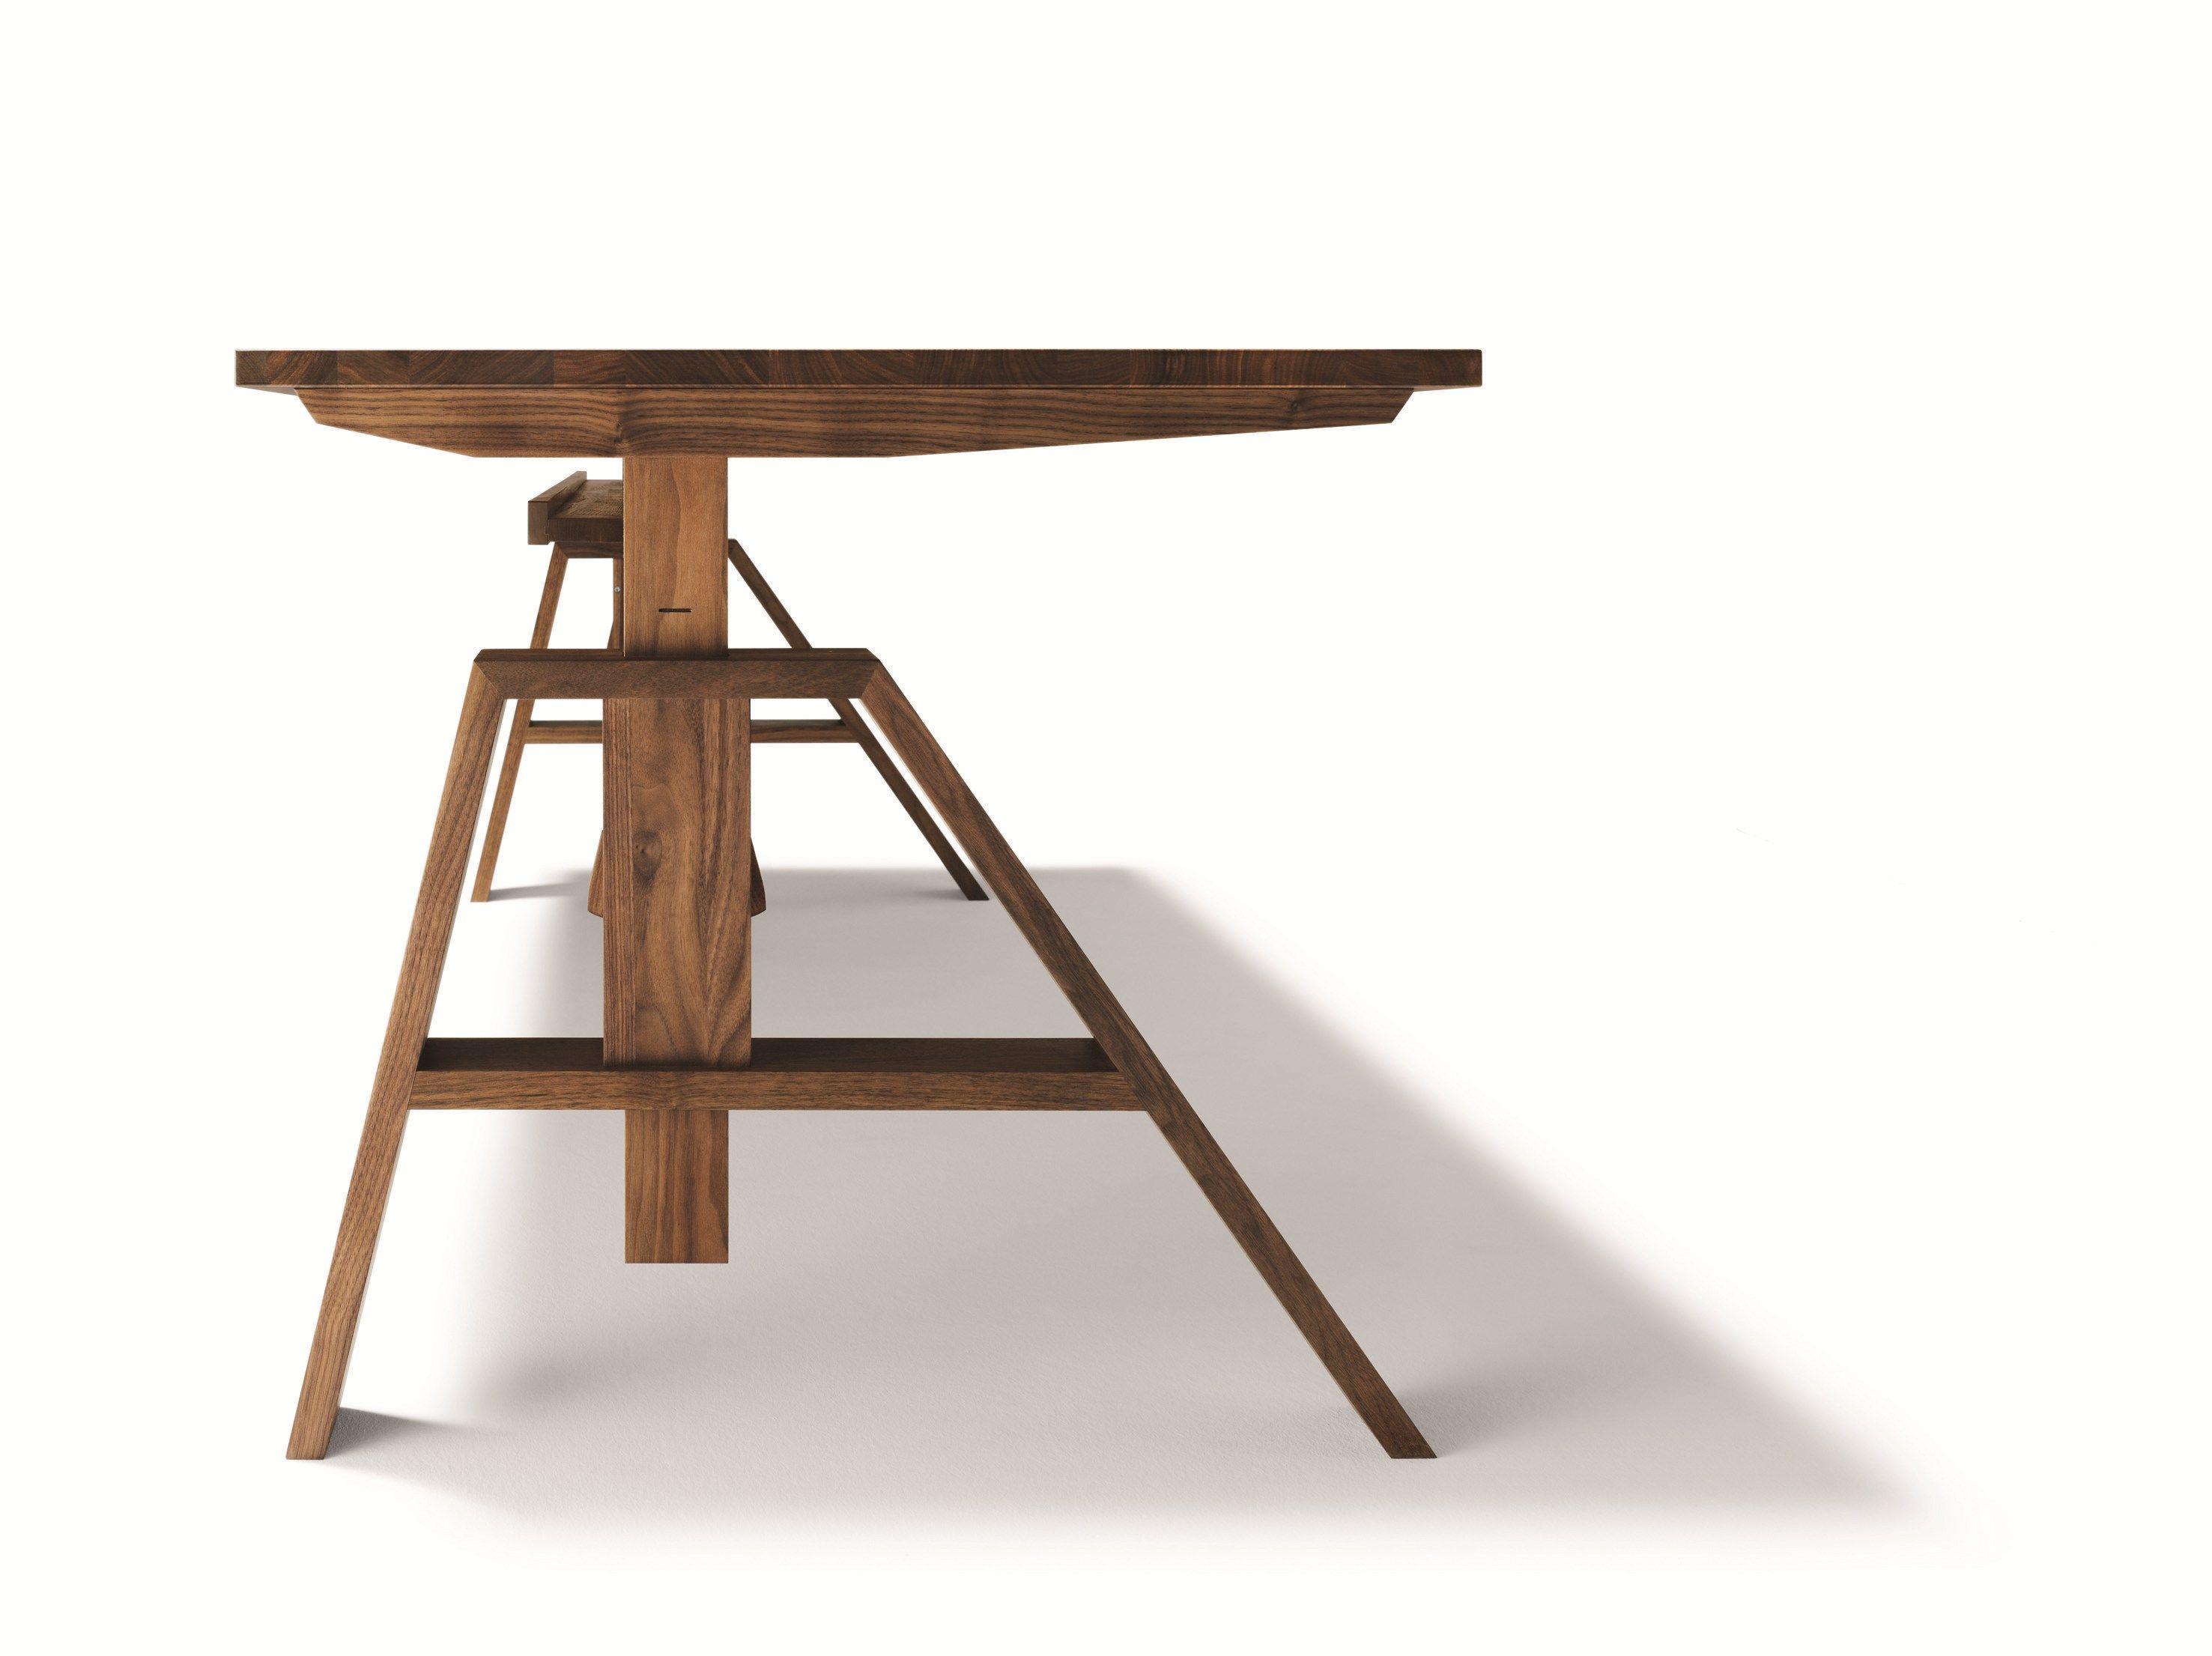 h henverstellbarer b ro schreibtisch atelier by team 7 nat rlich wohnen design kai stania. Black Bedroom Furniture Sets. Home Design Ideas